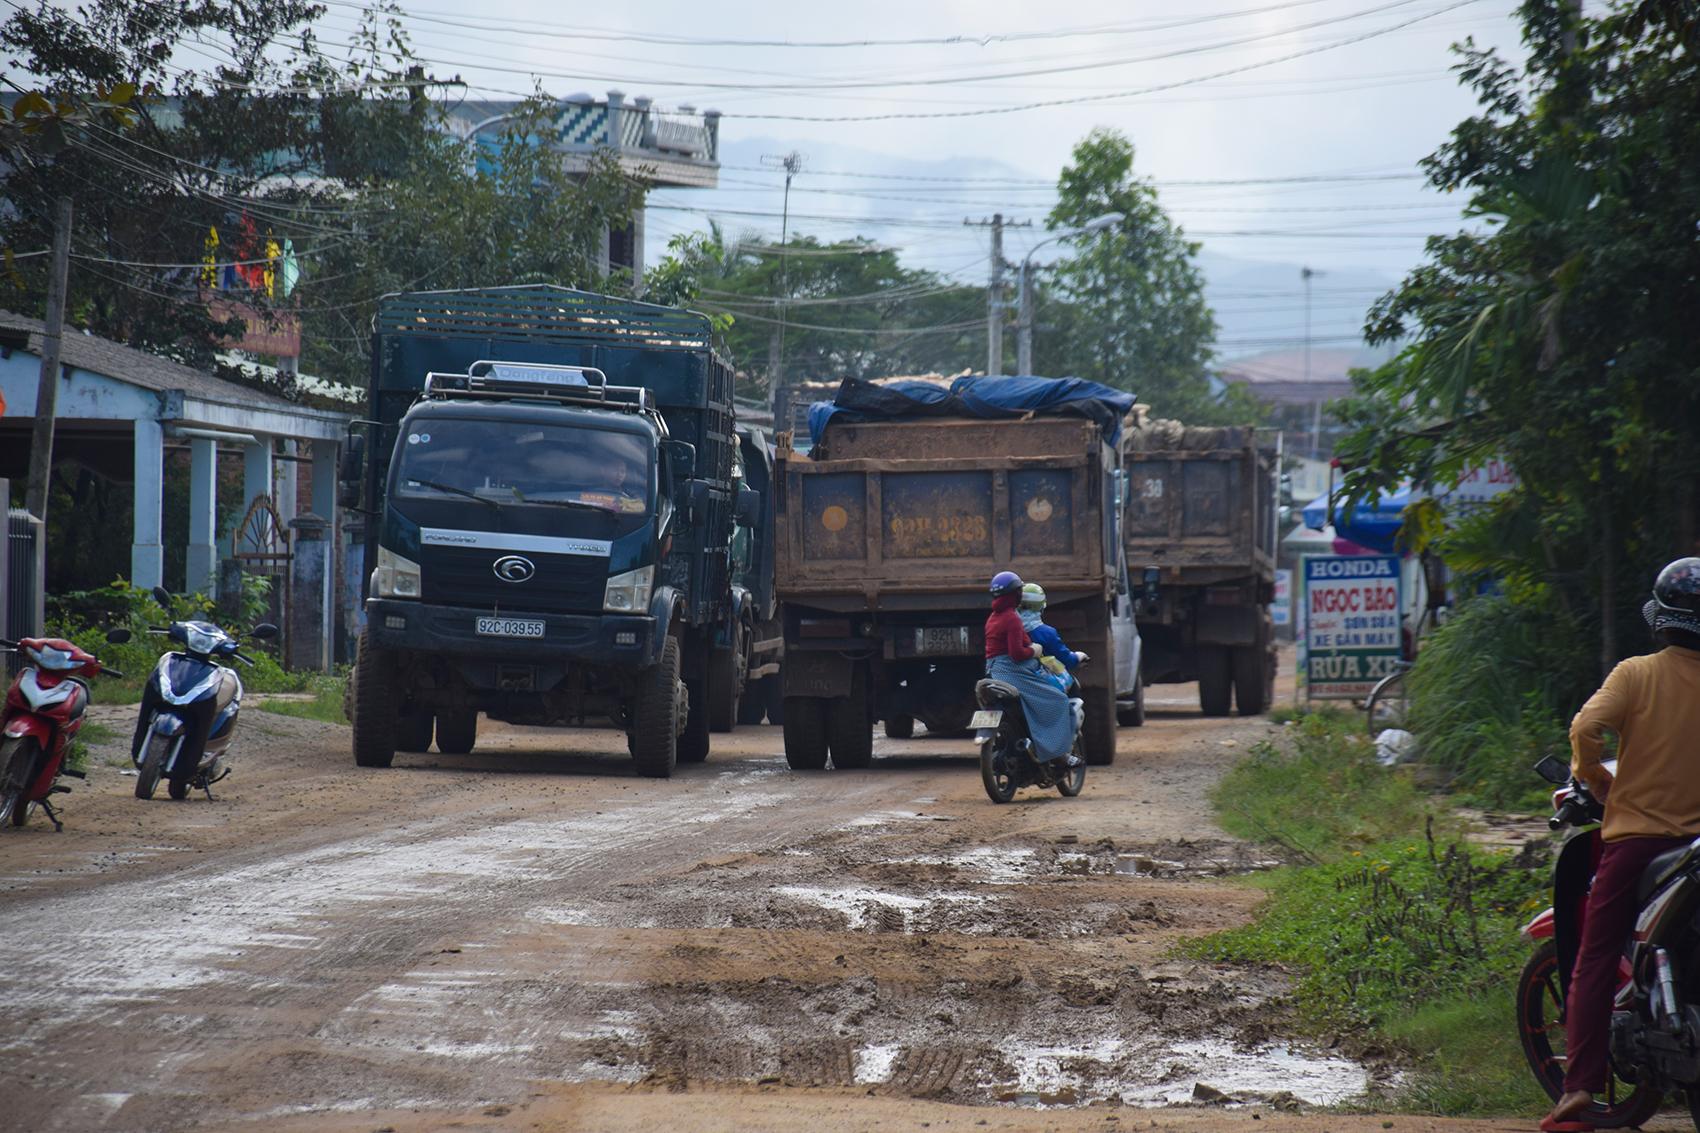 Xe qua tải chạy liên tục trên tuyến đường ĐH3 là một trong những nguyên nhân khiến mặt đường bị hư hỏng.